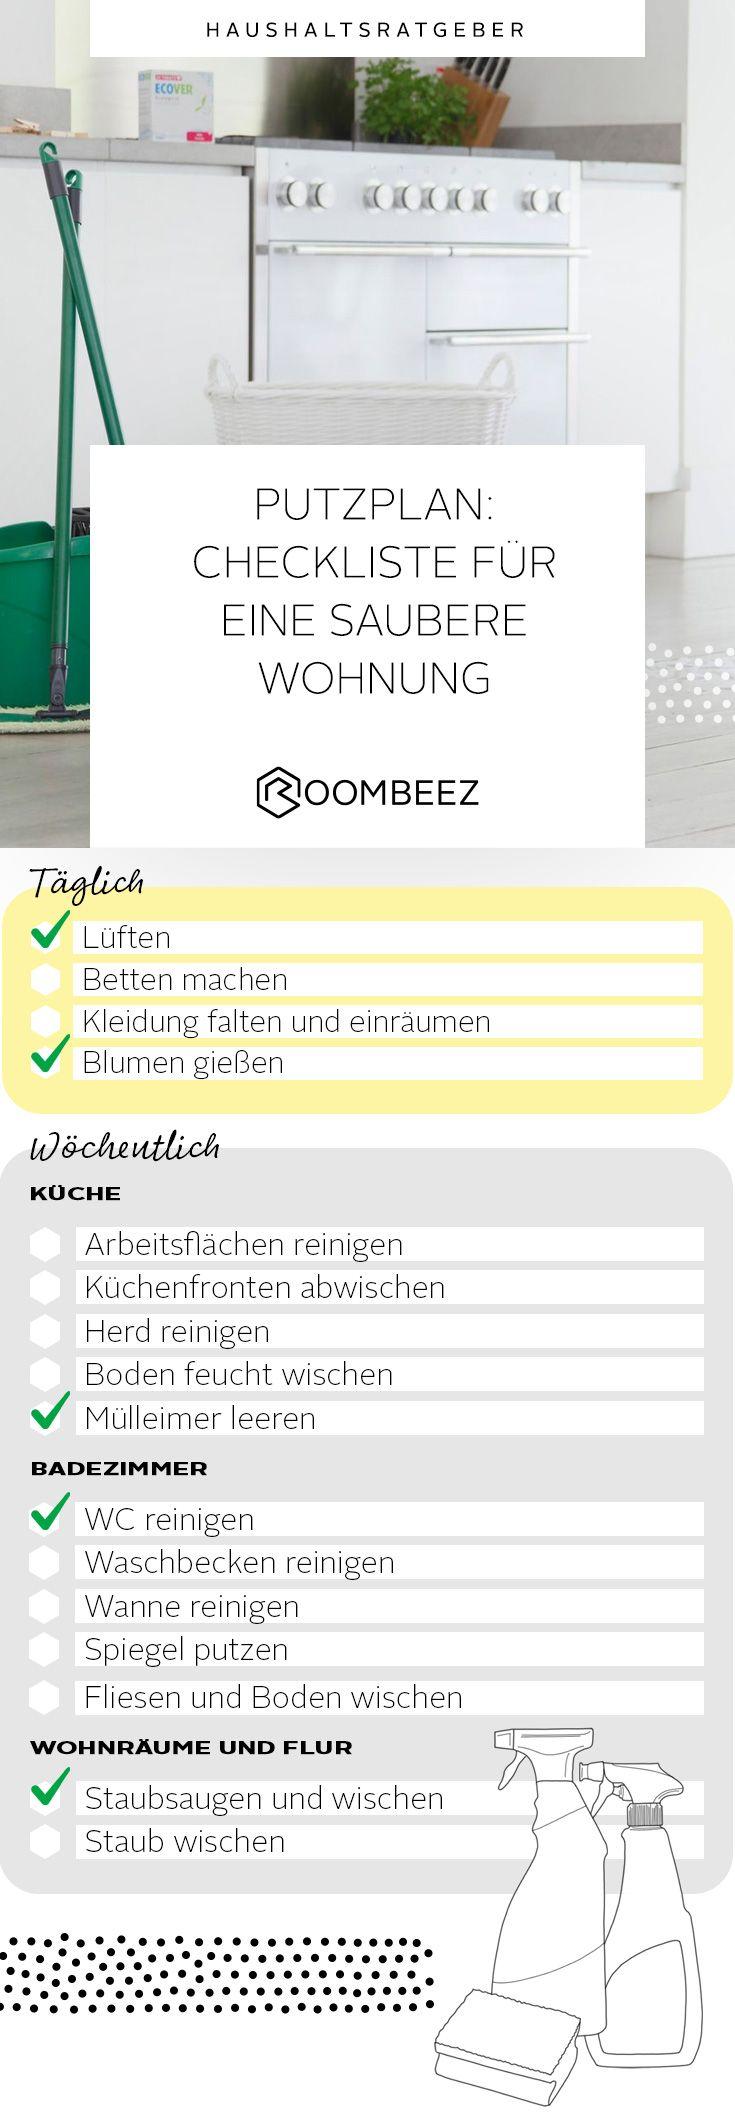 Putzplan » Checkliste für eine saubere Wohnung   OTTO   Saubere ...